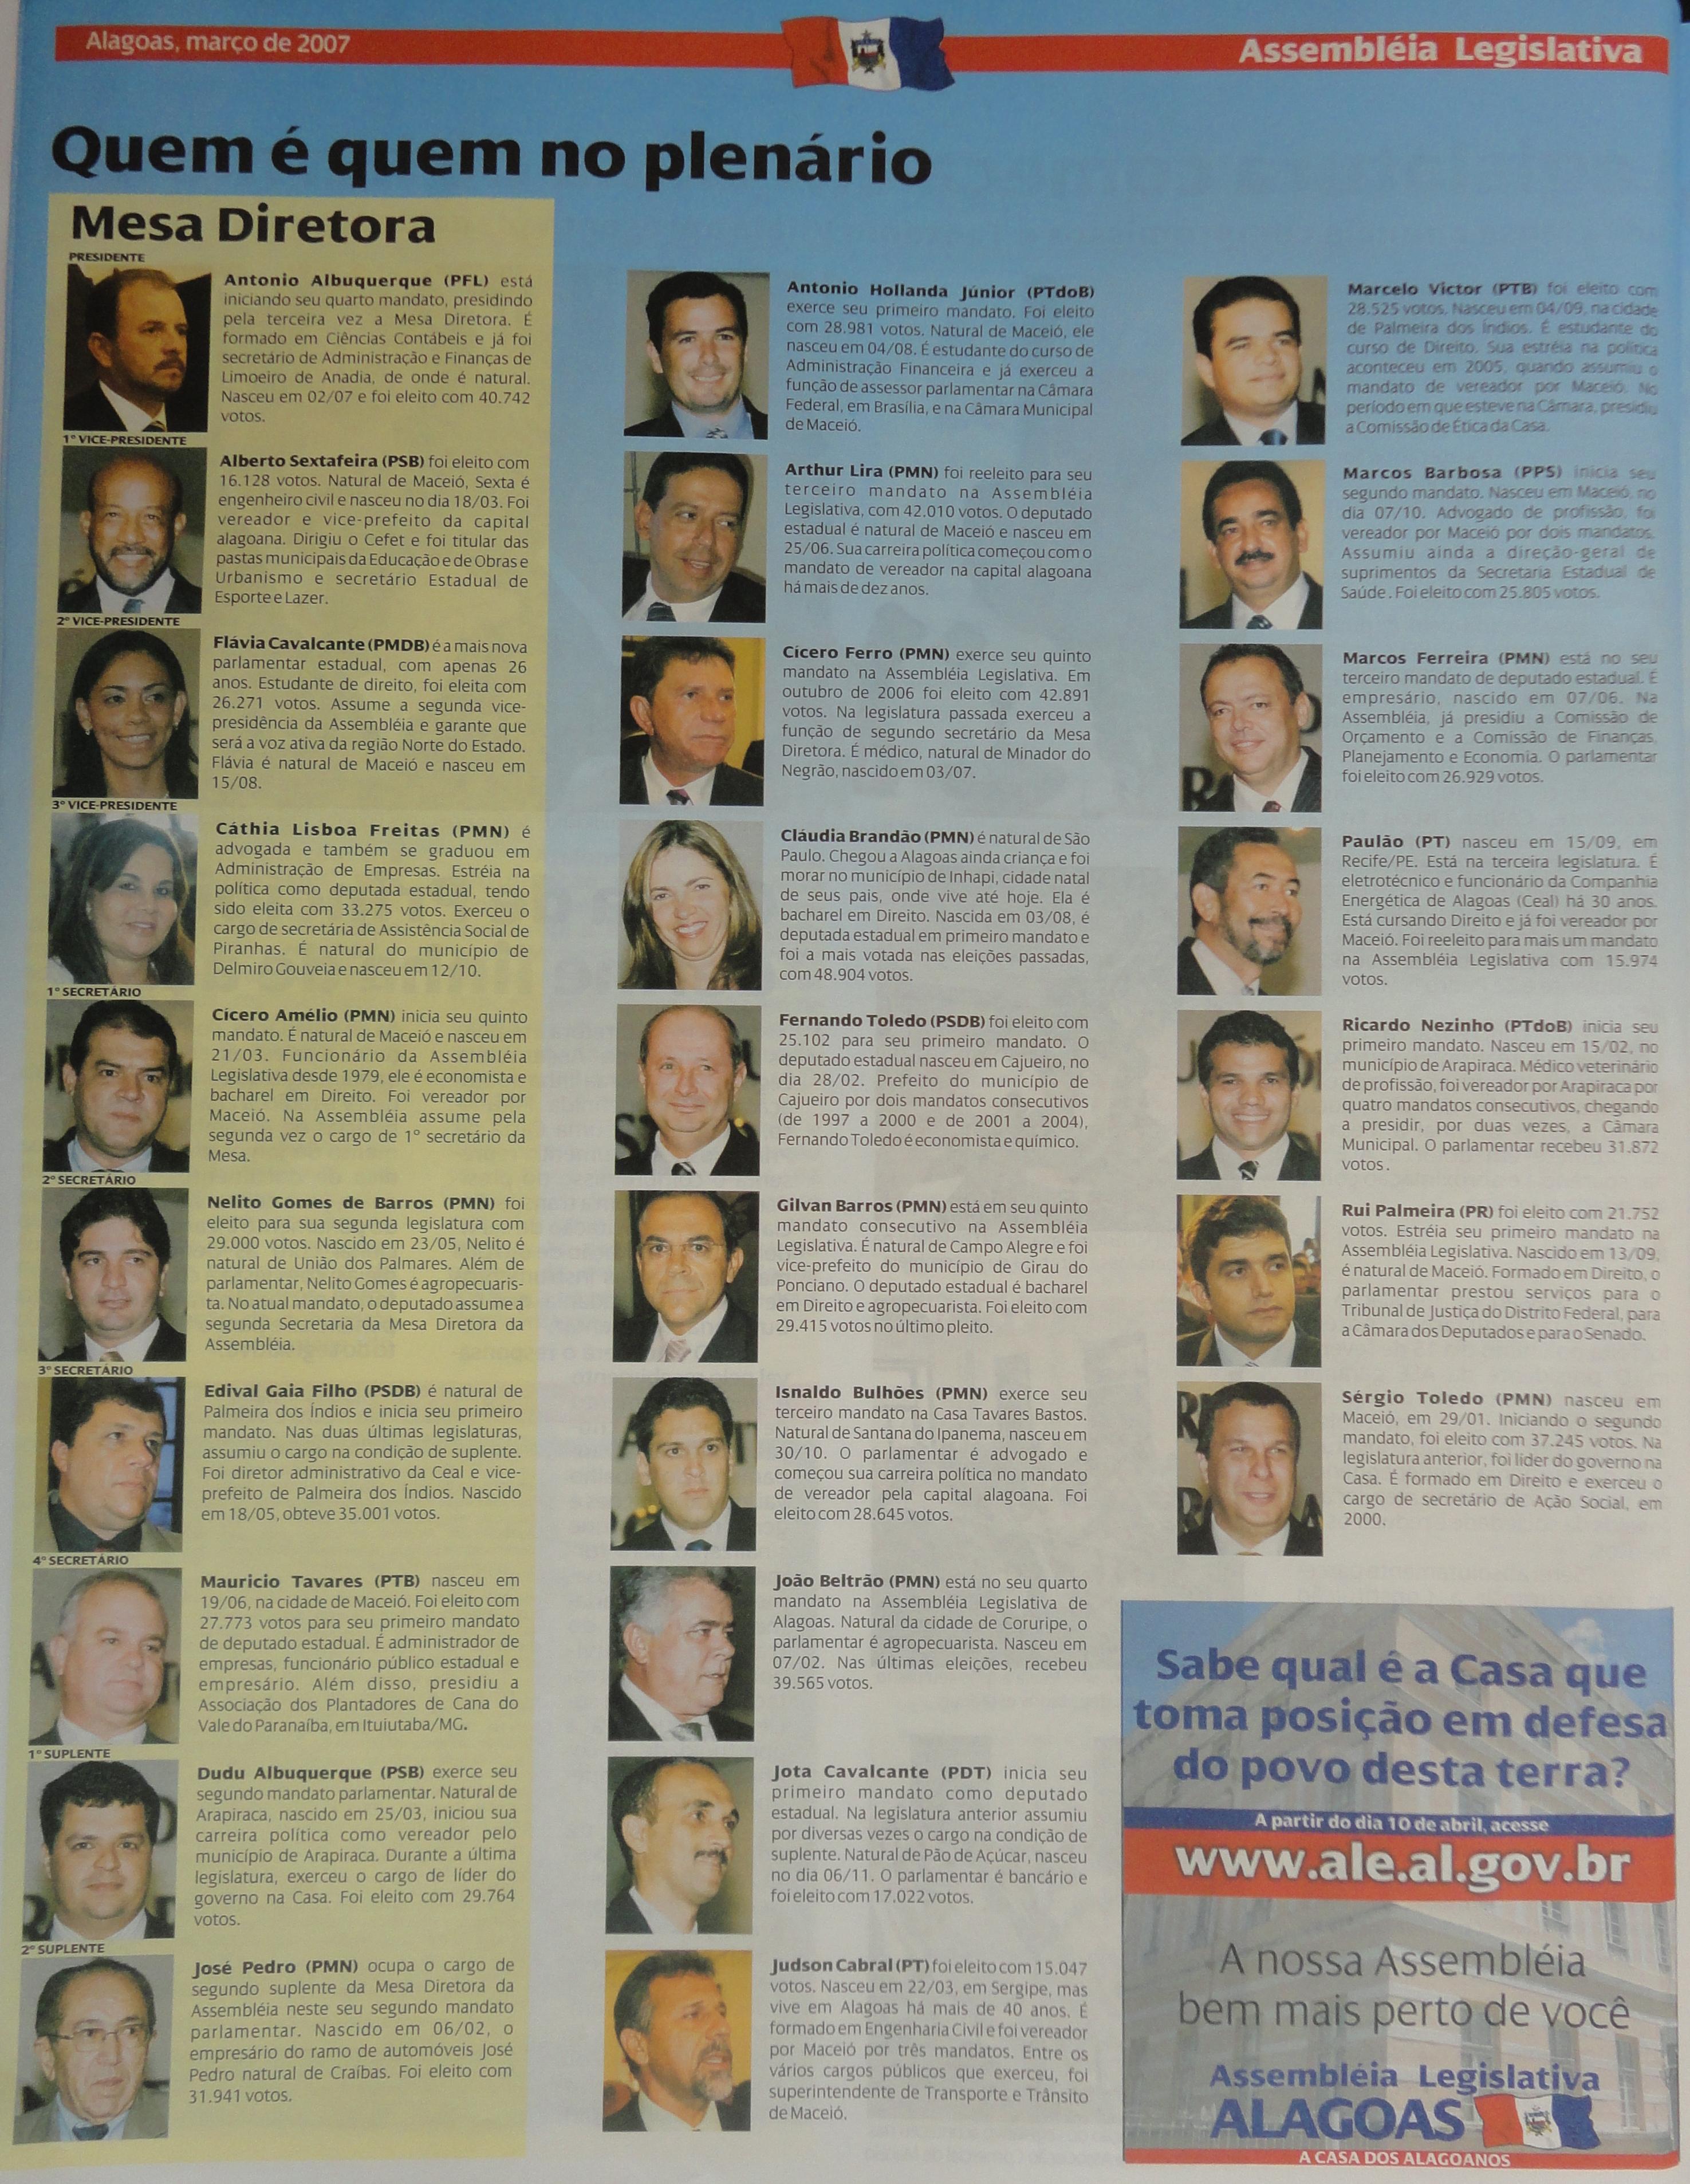 Coleção do Jornal da Assembleia 03-2007.4